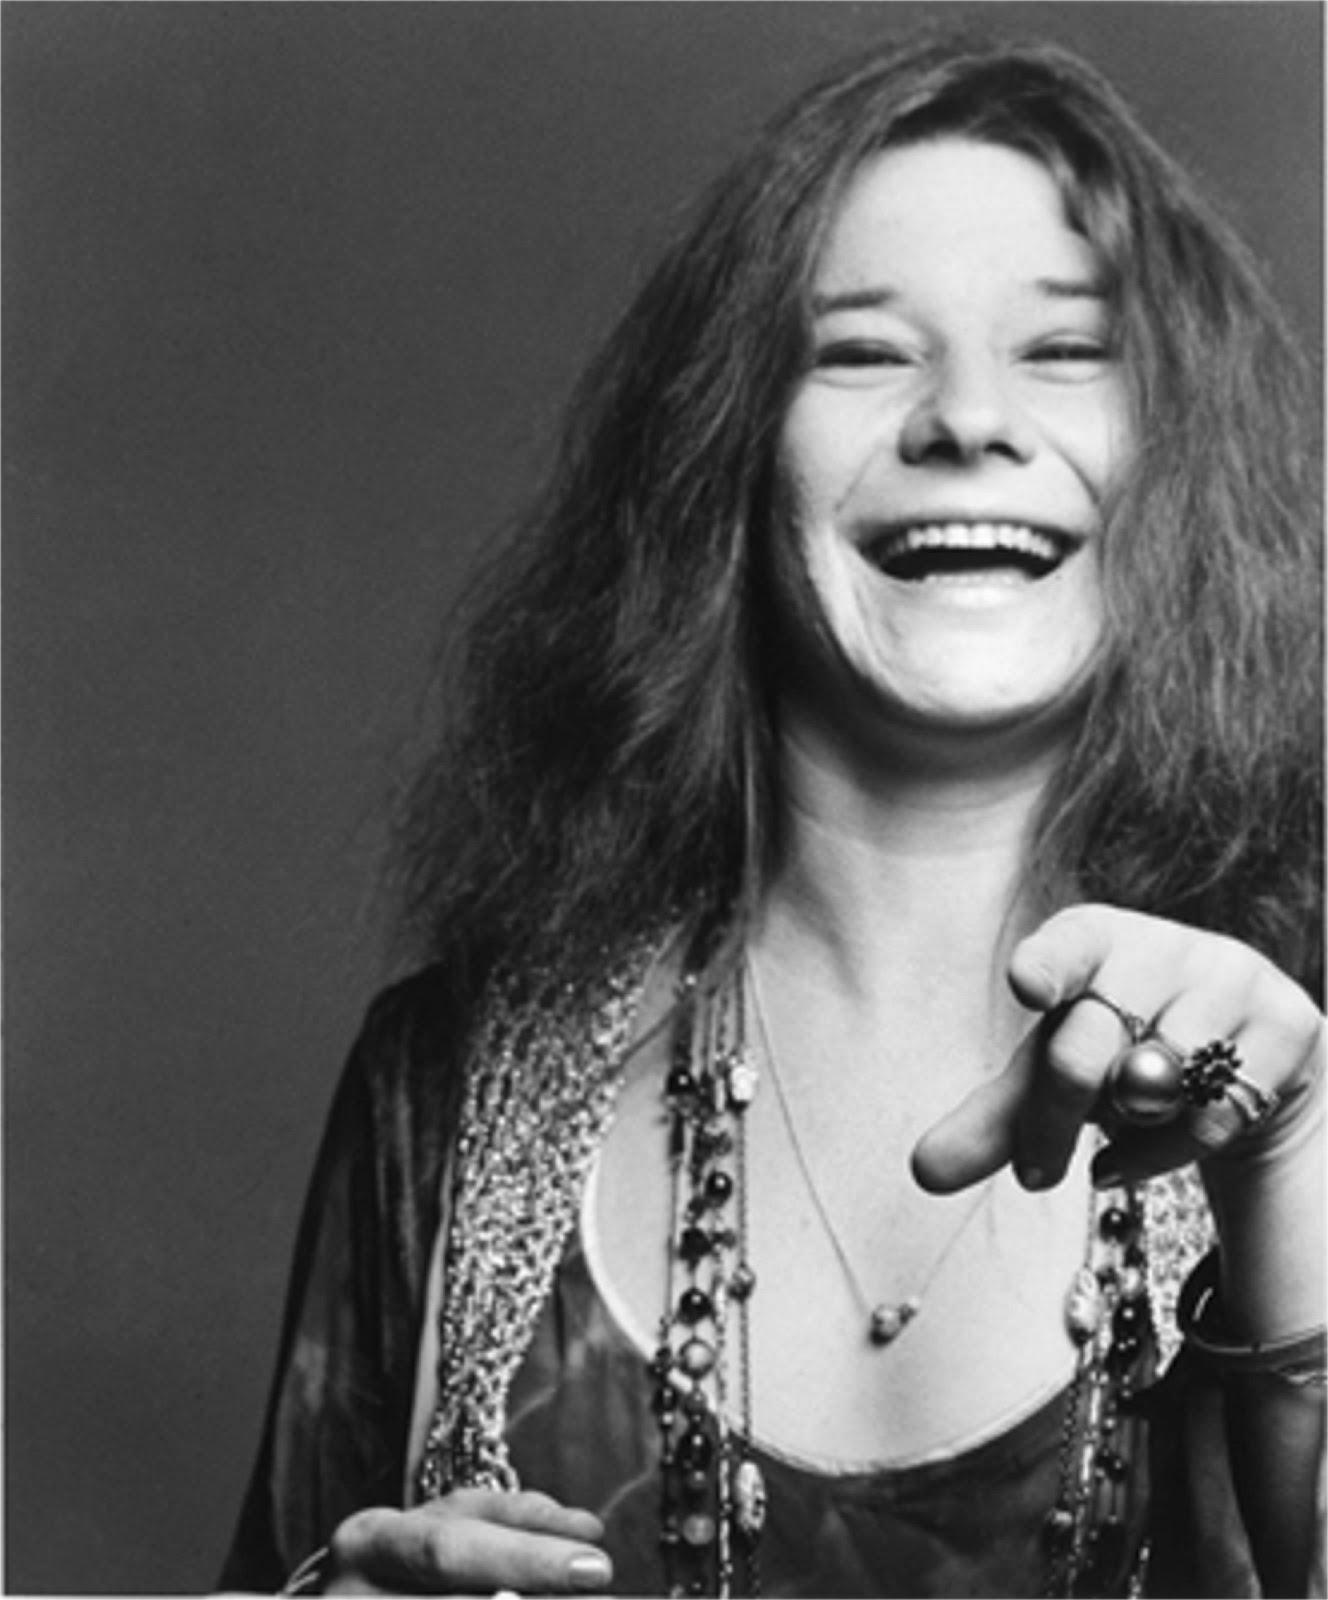 RIP Janis Joplin. Dead 45 years ago today *VIDEO*